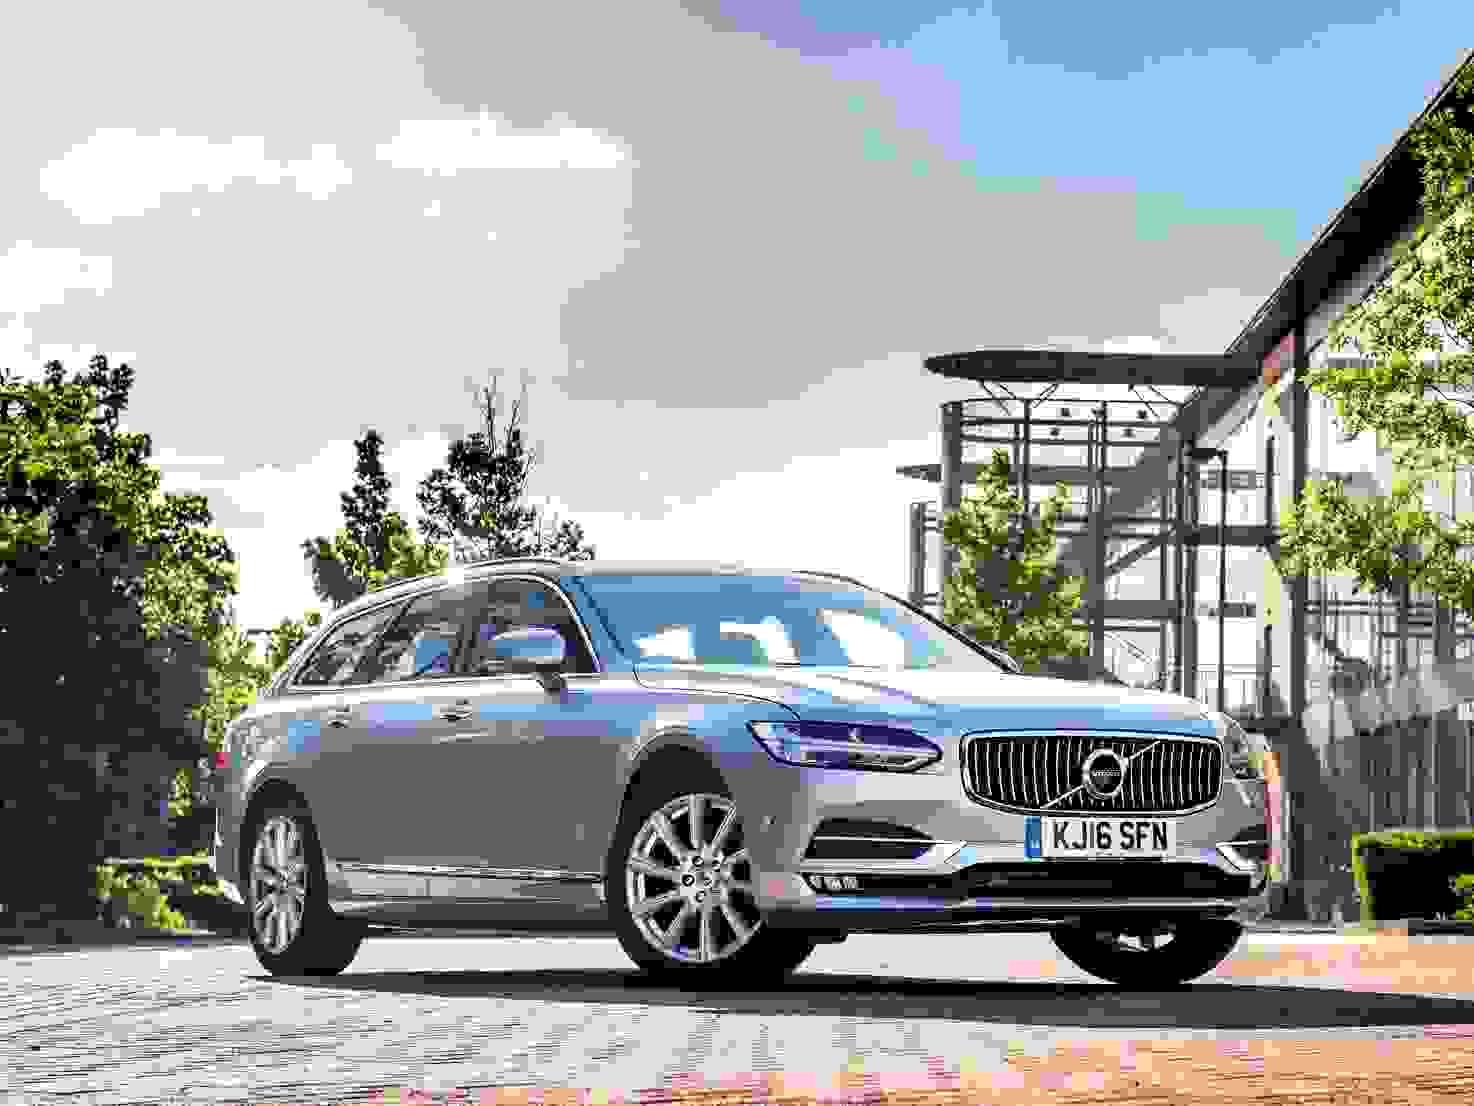 Den nye aftapning af den klassiske Herregårdsvogn - dét er Volvo V90 Recharge